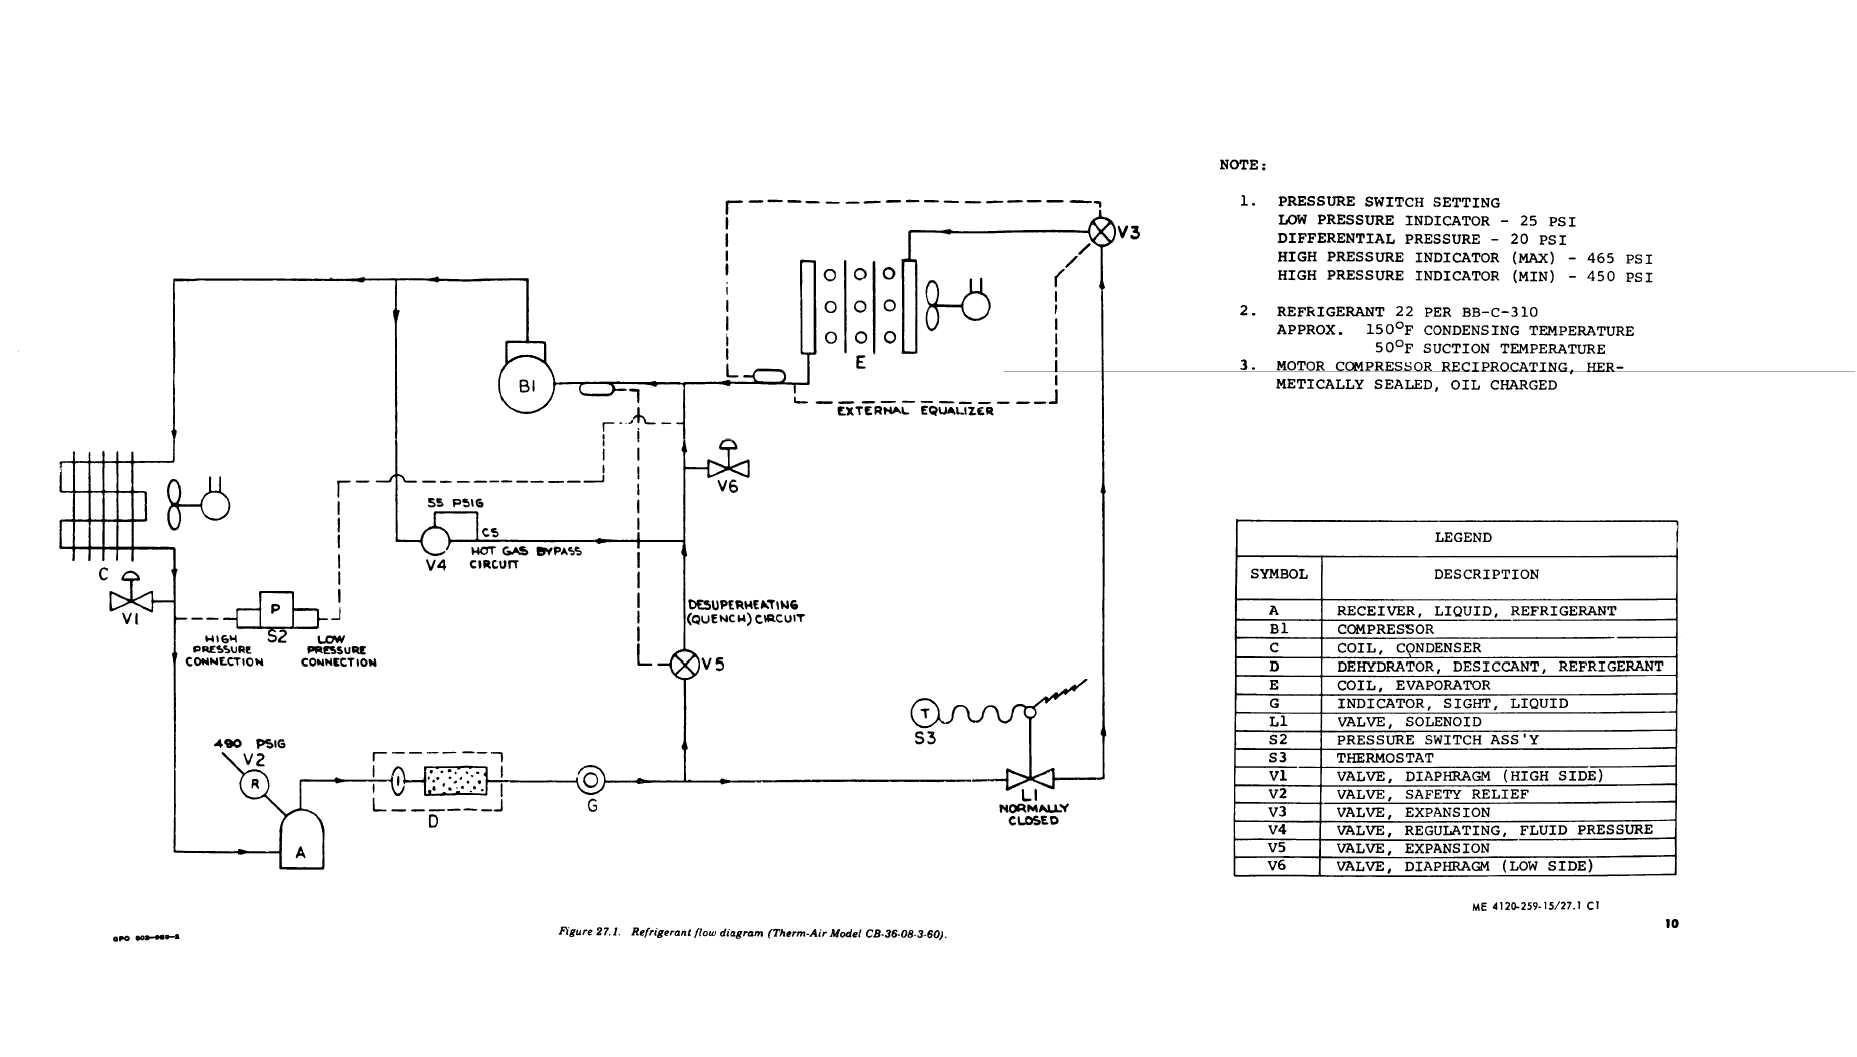 trane wiring diagrams model 2ttr2048a1000aa trane rooftop